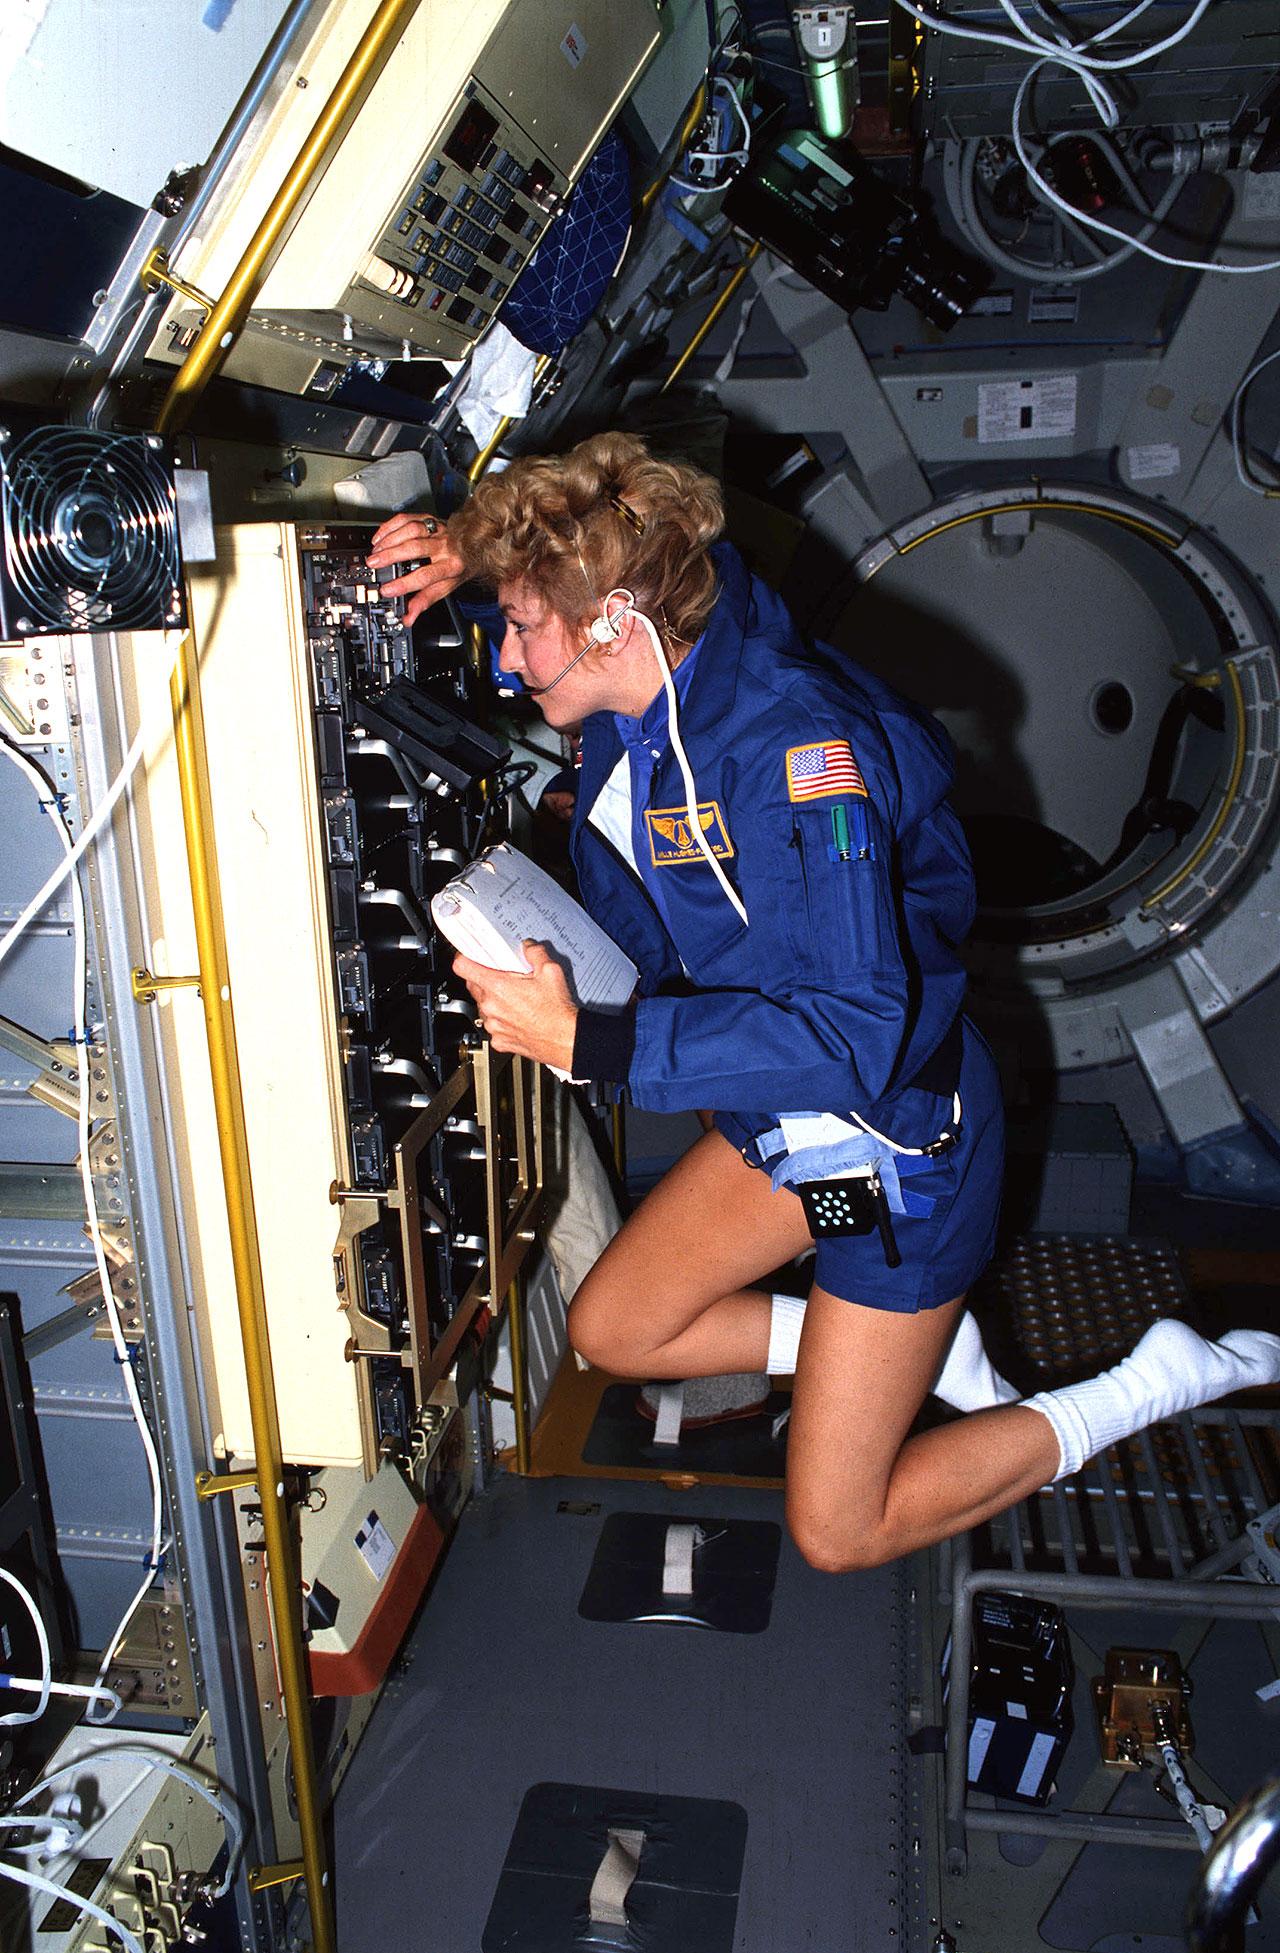 Spécialiste de la charge utile STS-40, Millie Hughes-Fulford travaille à l'intérieur du module Spacelab Space Life Sciences-1 (SLS-1) à l'intérieur de la soute de la navette spatiale Columbia en juin 1991.